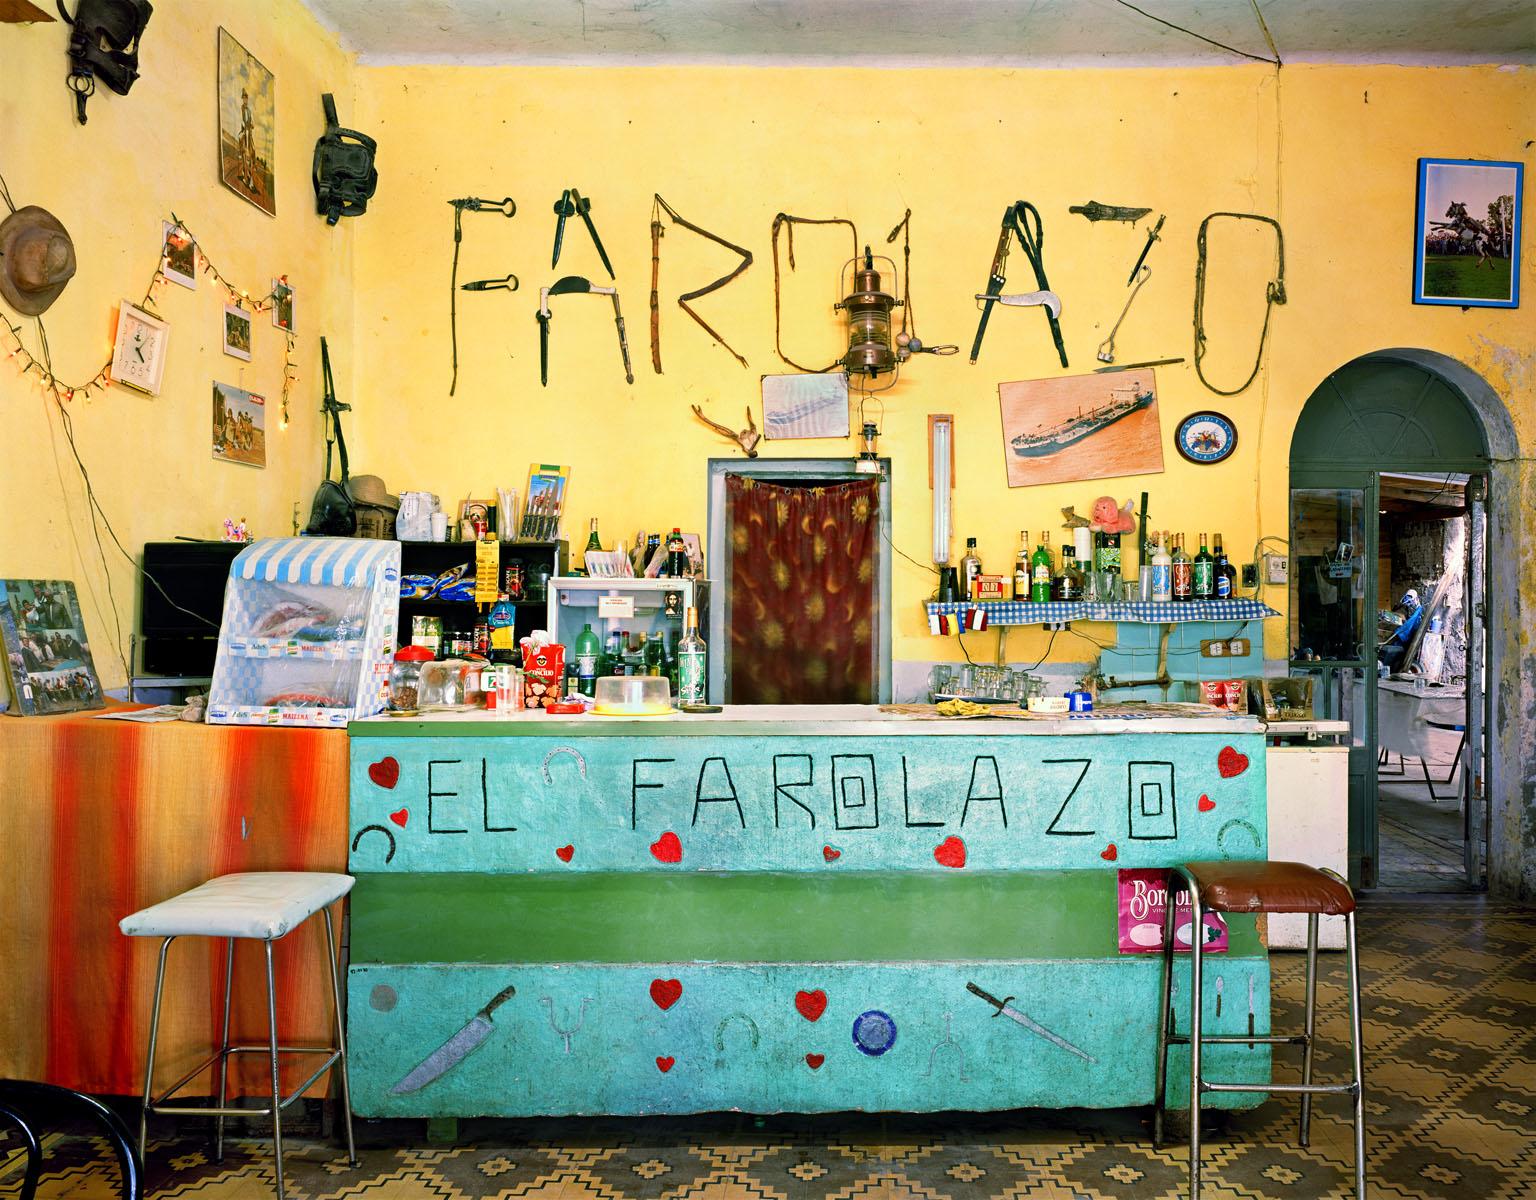 El_Farolazo-copy